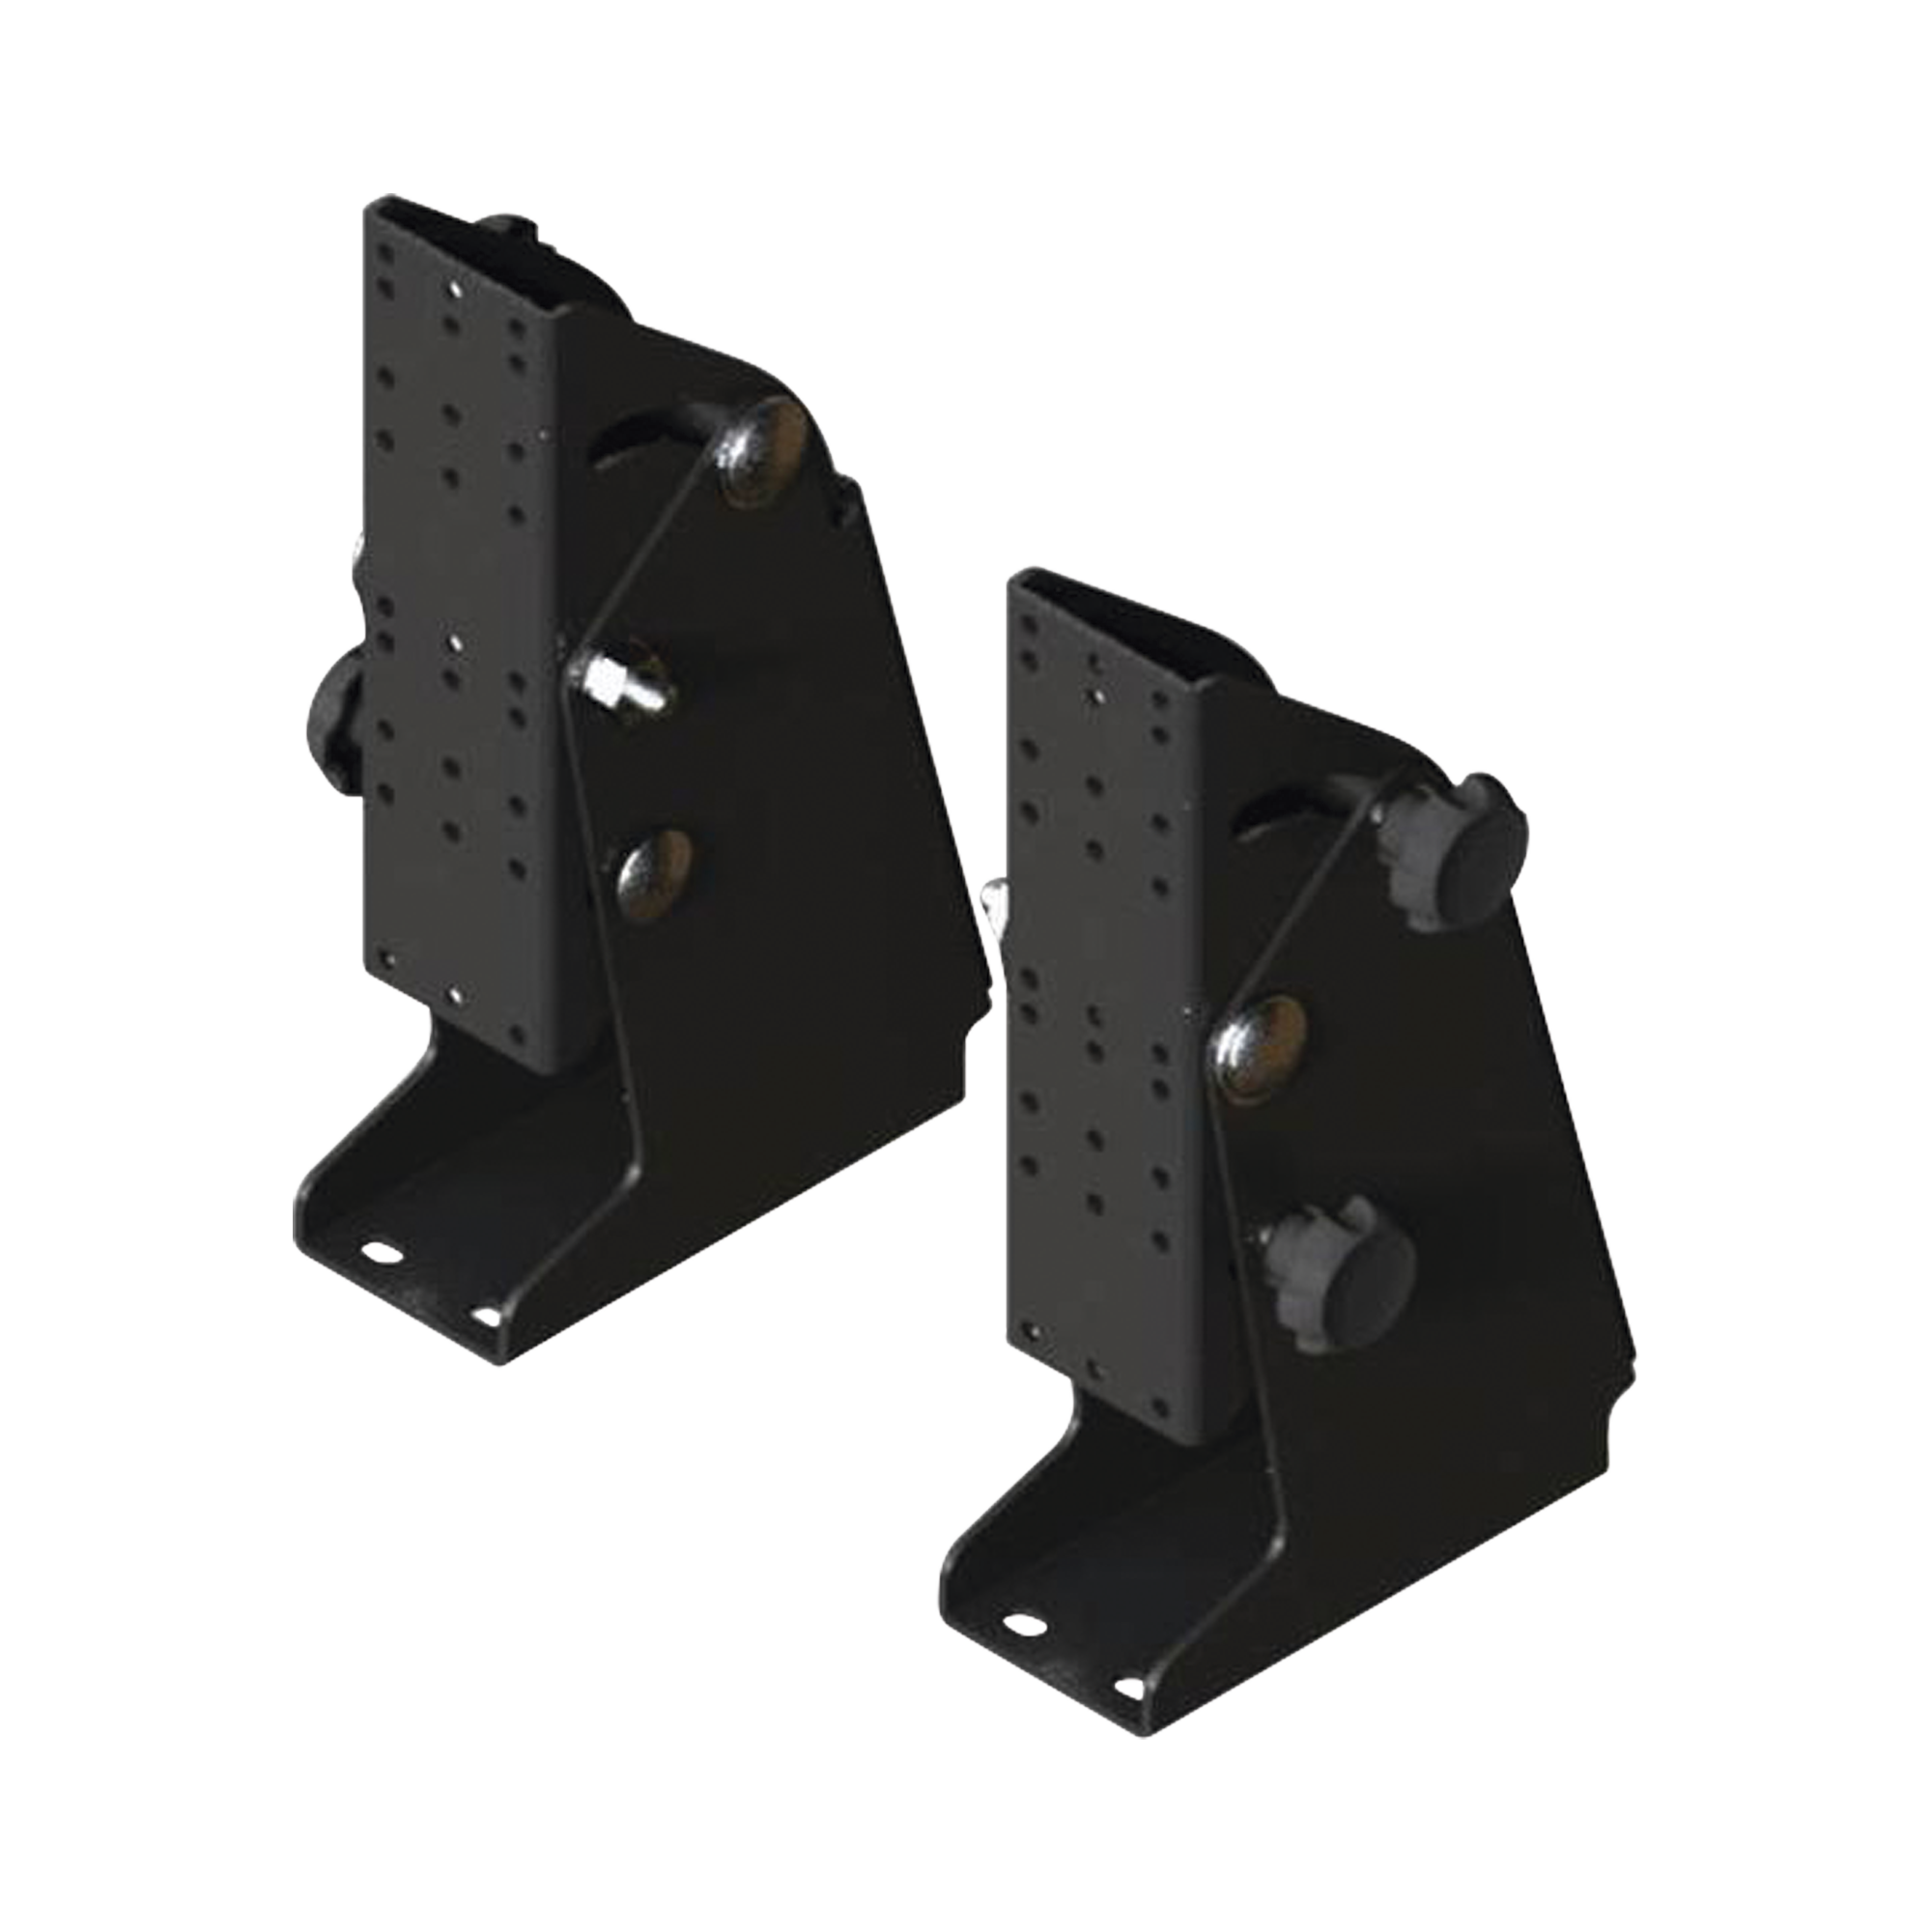 Soporte extra resistente para monitres IMO M5016, M5019, M5024 y M 5027